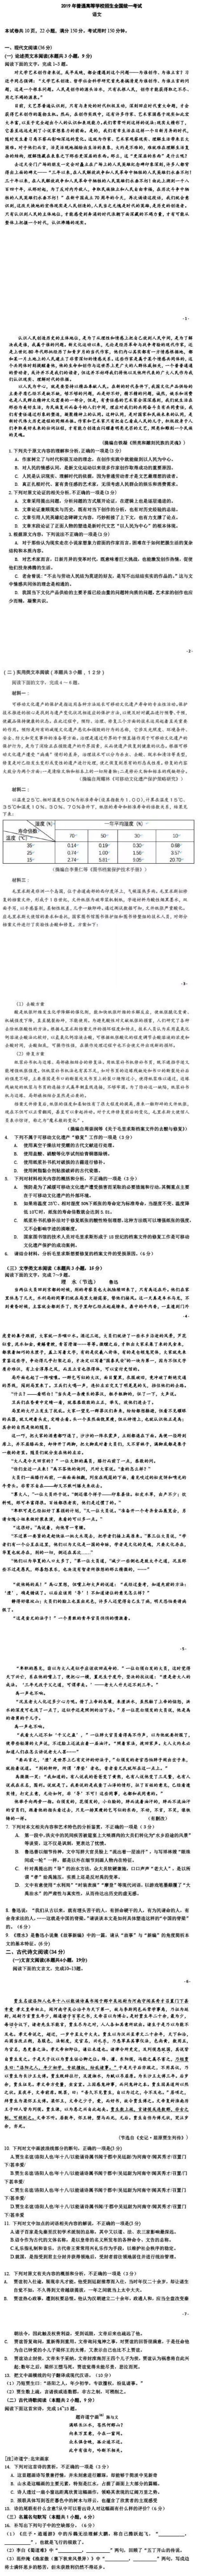 2019年湖南betway官网手机版语文试卷及参考答案